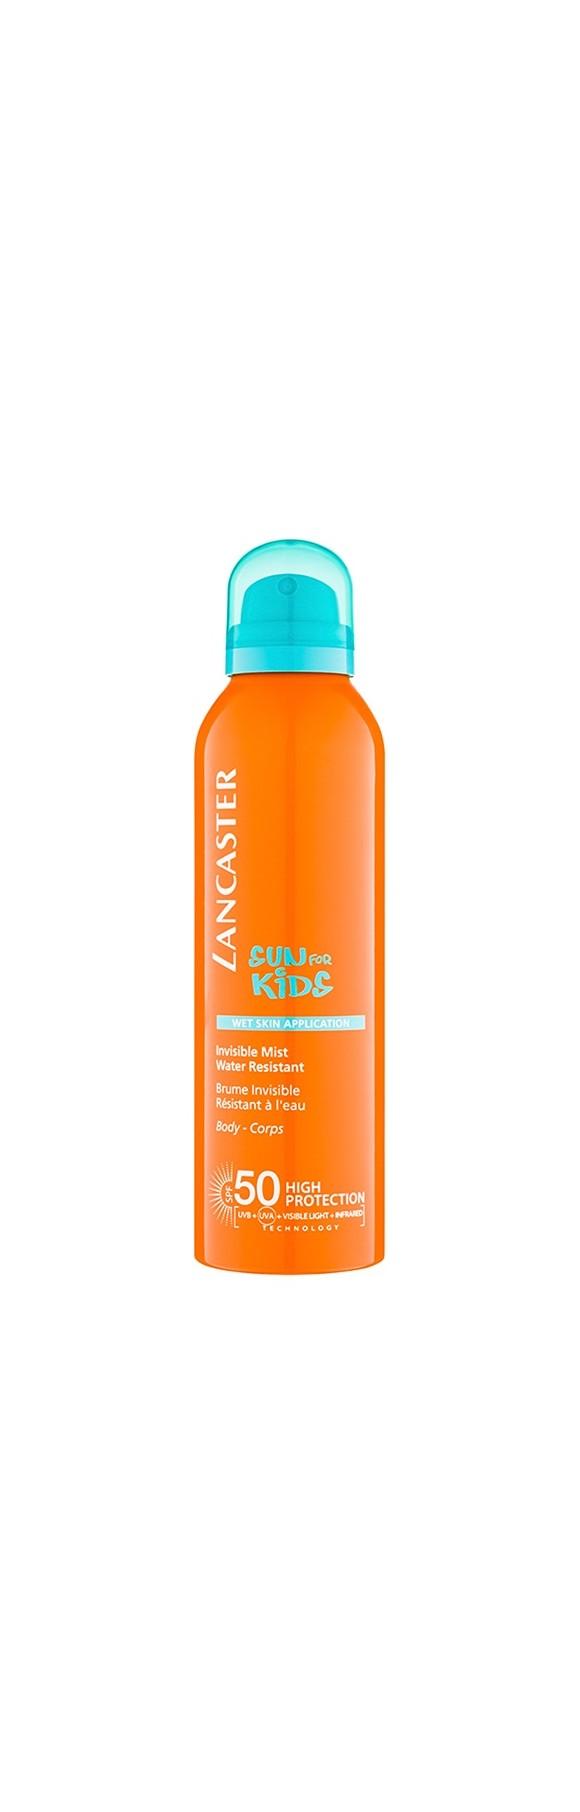 Lancaster - SUN KIDS wet skin application mist SPF50 spray 200 ml